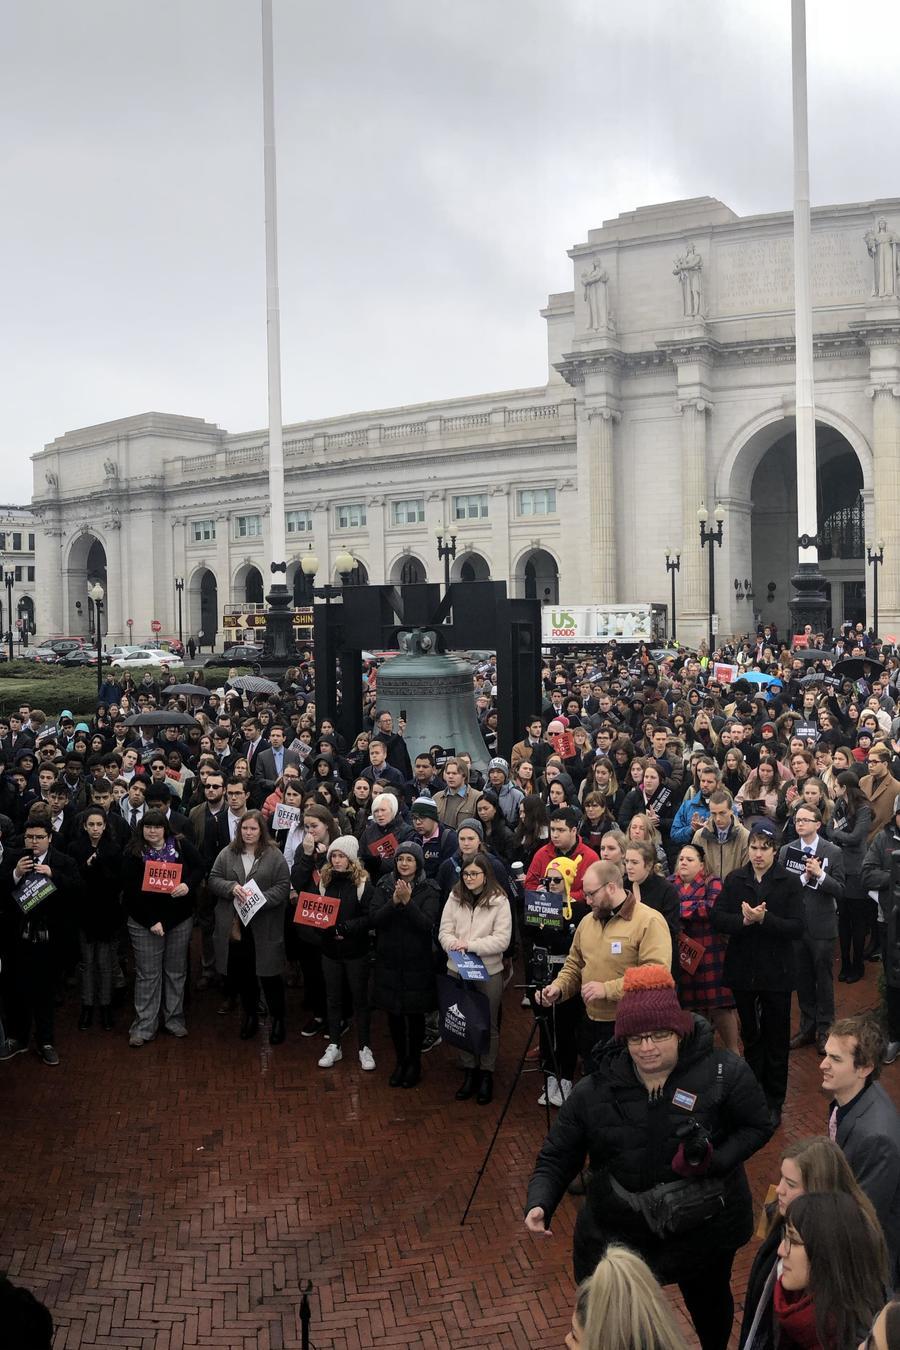 Estudiantes y activistas jesuitas inician jornada de presión política en el Congreso a favor de una reforma migratoria que legalice a la población indocumentada